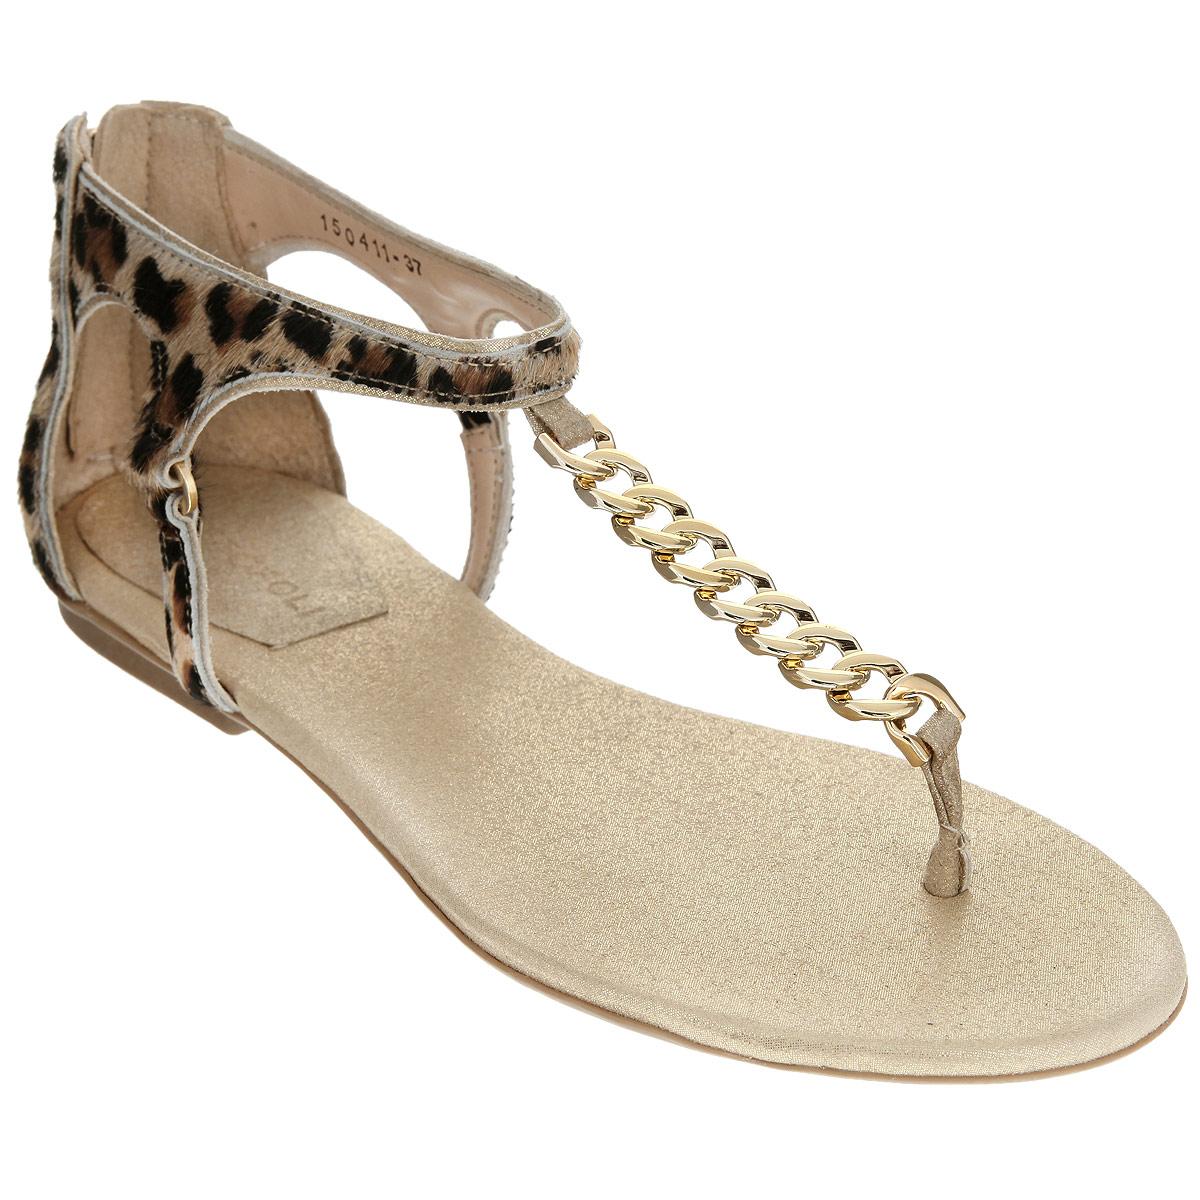 150411Эффектные женские сандалии от Cristofoli не оставят равнодушной настоящую модницу. Модель изготовлена из натуральной кожи и ворса, стилизованного под леопарда. Сандалии дополнены полужестким кожаным задником с застежкой-молнией. Фиксирующие ремешки надежно закрепят модель на ноге. Перемычку между пальцев и верхний ремешок соединяет декоративная цепь, выполненная из пластика. Мягкая стелька из натуральной кожи обеспечивает комфорт при ходьбе. Низкий каблук и подошва дополнены противоскользящим рифлением. Стильные сандалии помогут вам создать яркий запоминающийся образ.